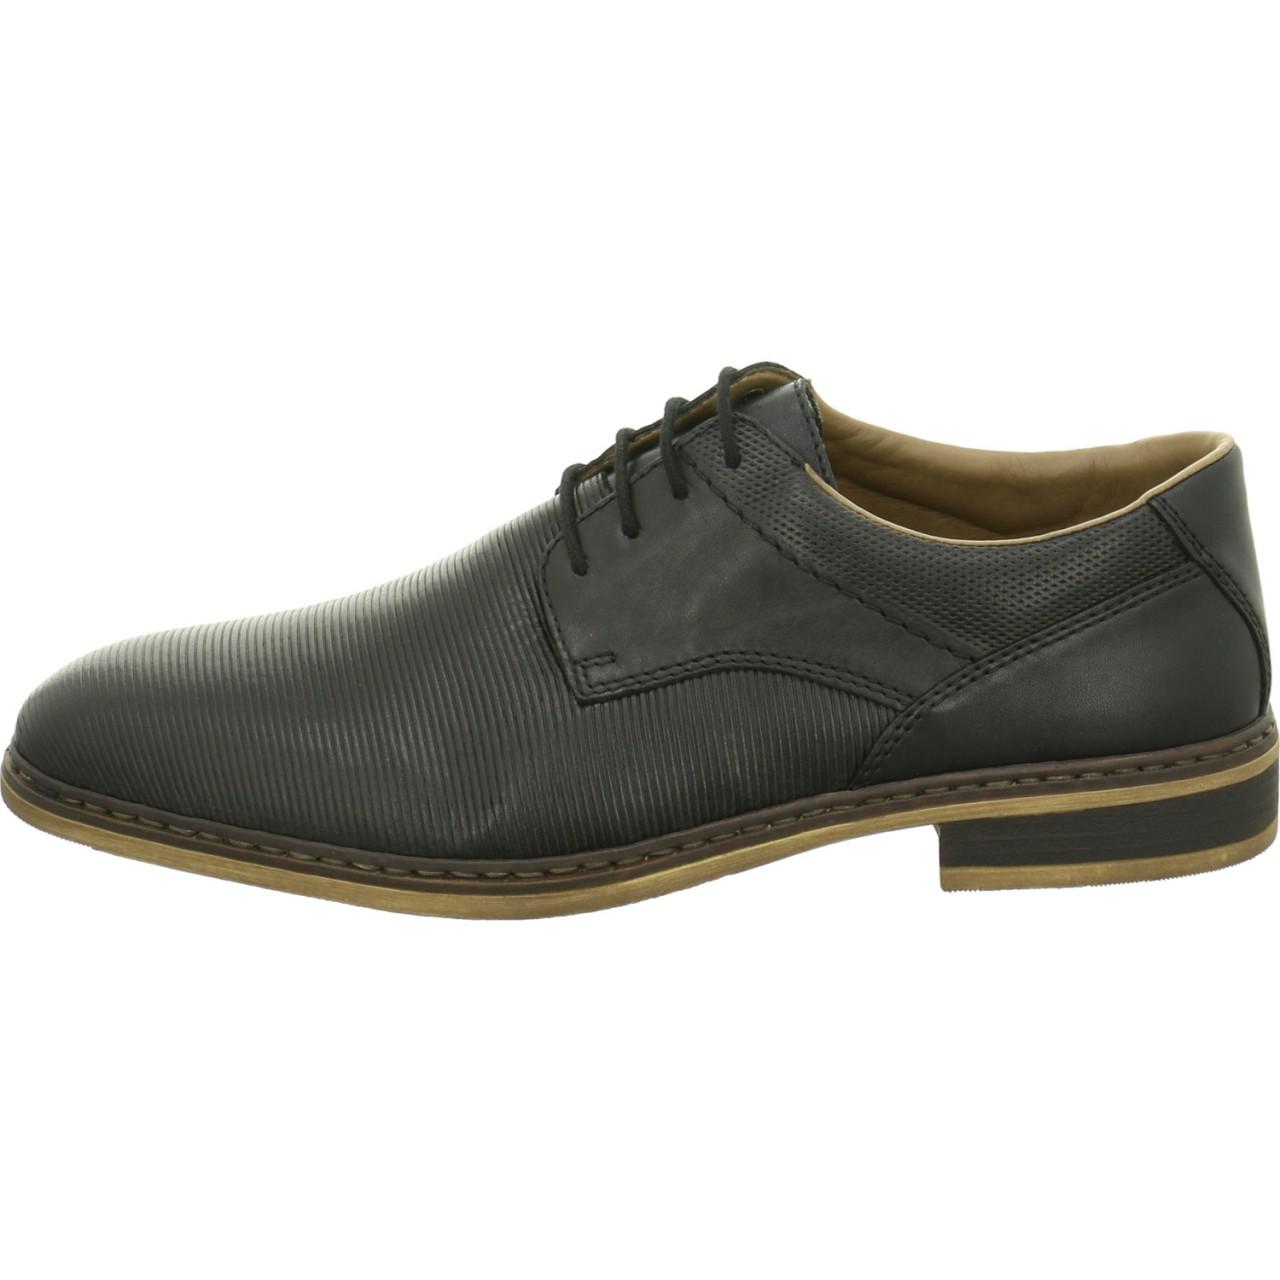 Rieker Business Schuhe Männer 11412-00